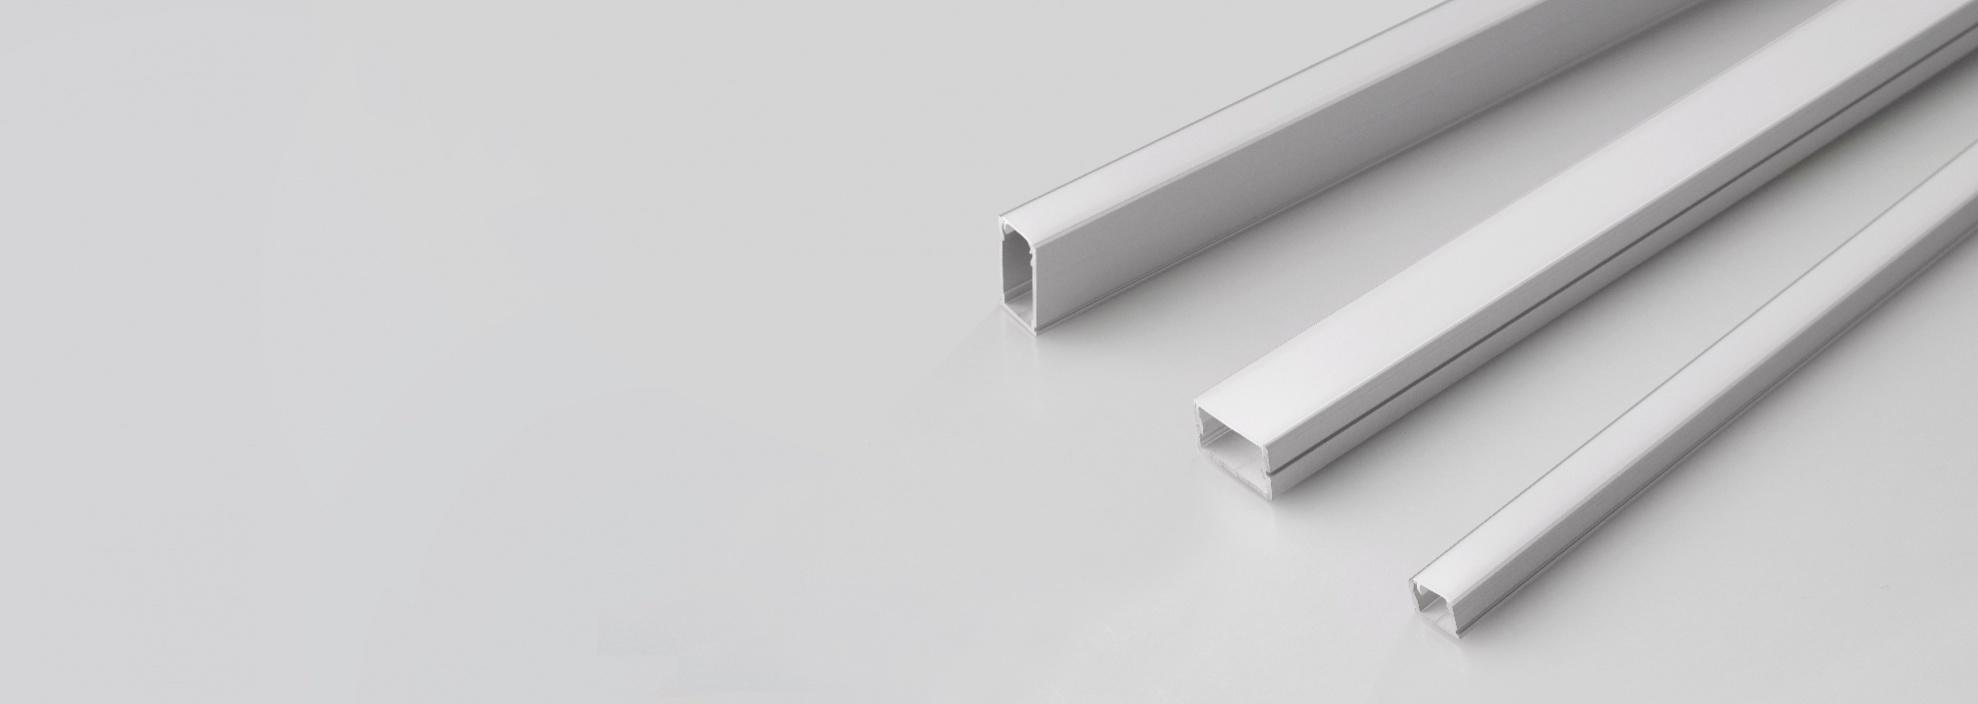 Профиль для герметичных светодиодных лент в силиконовой оболочке